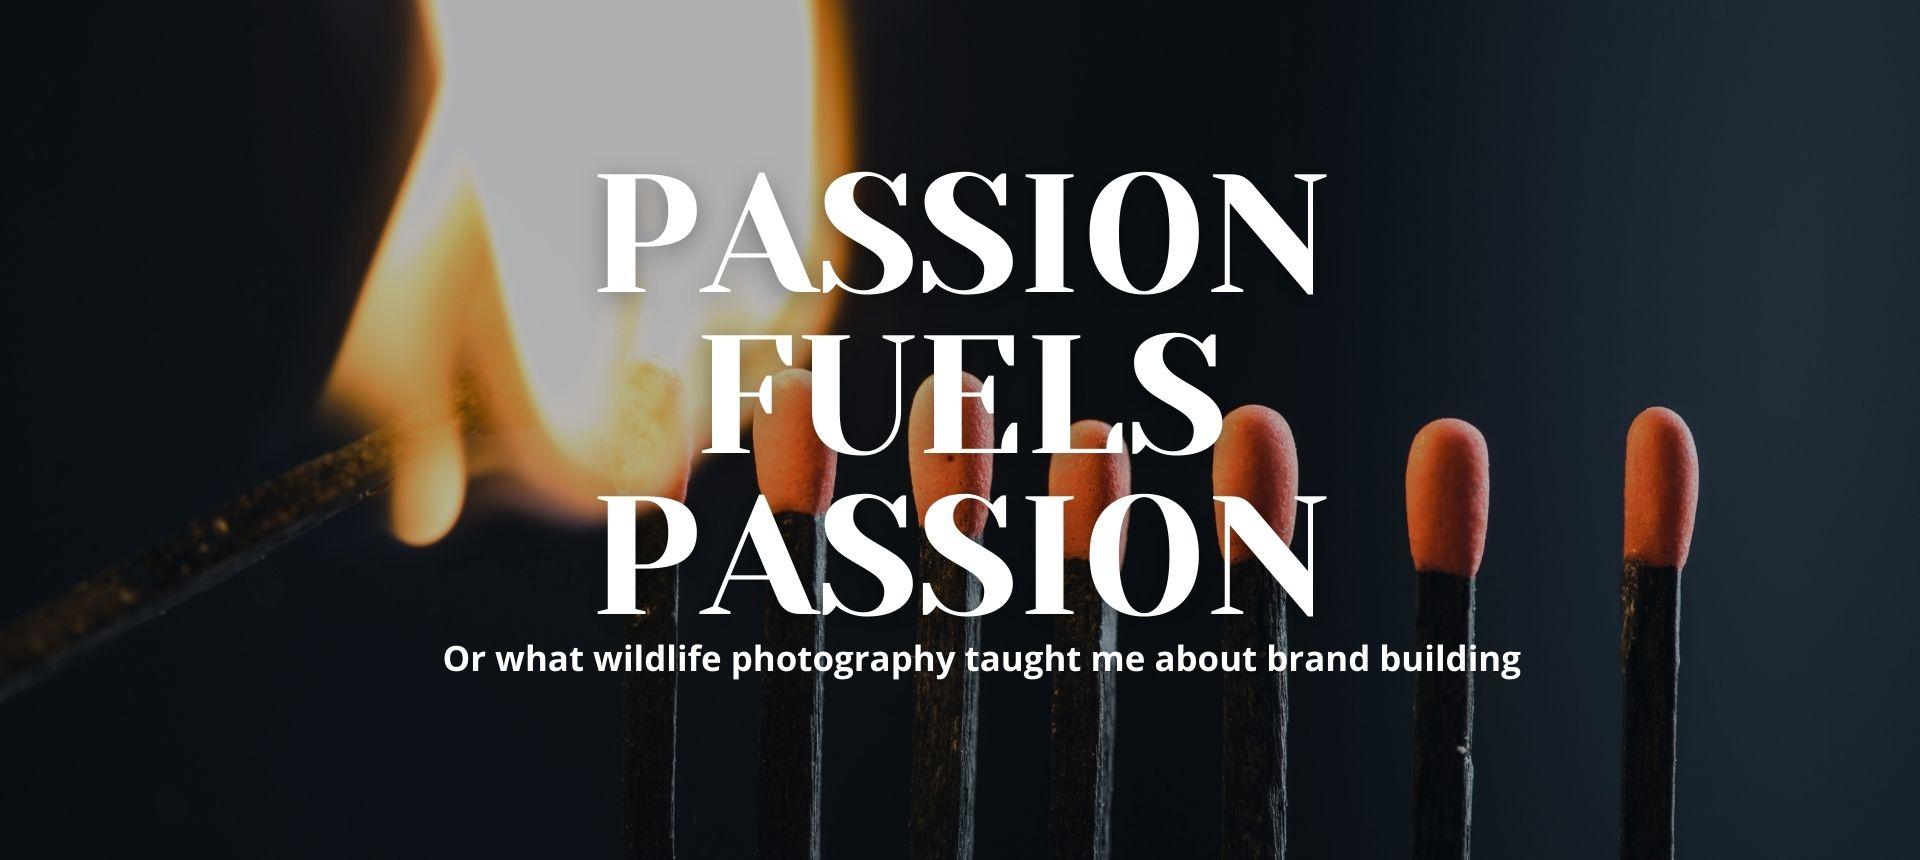 Passion Fuels Passion